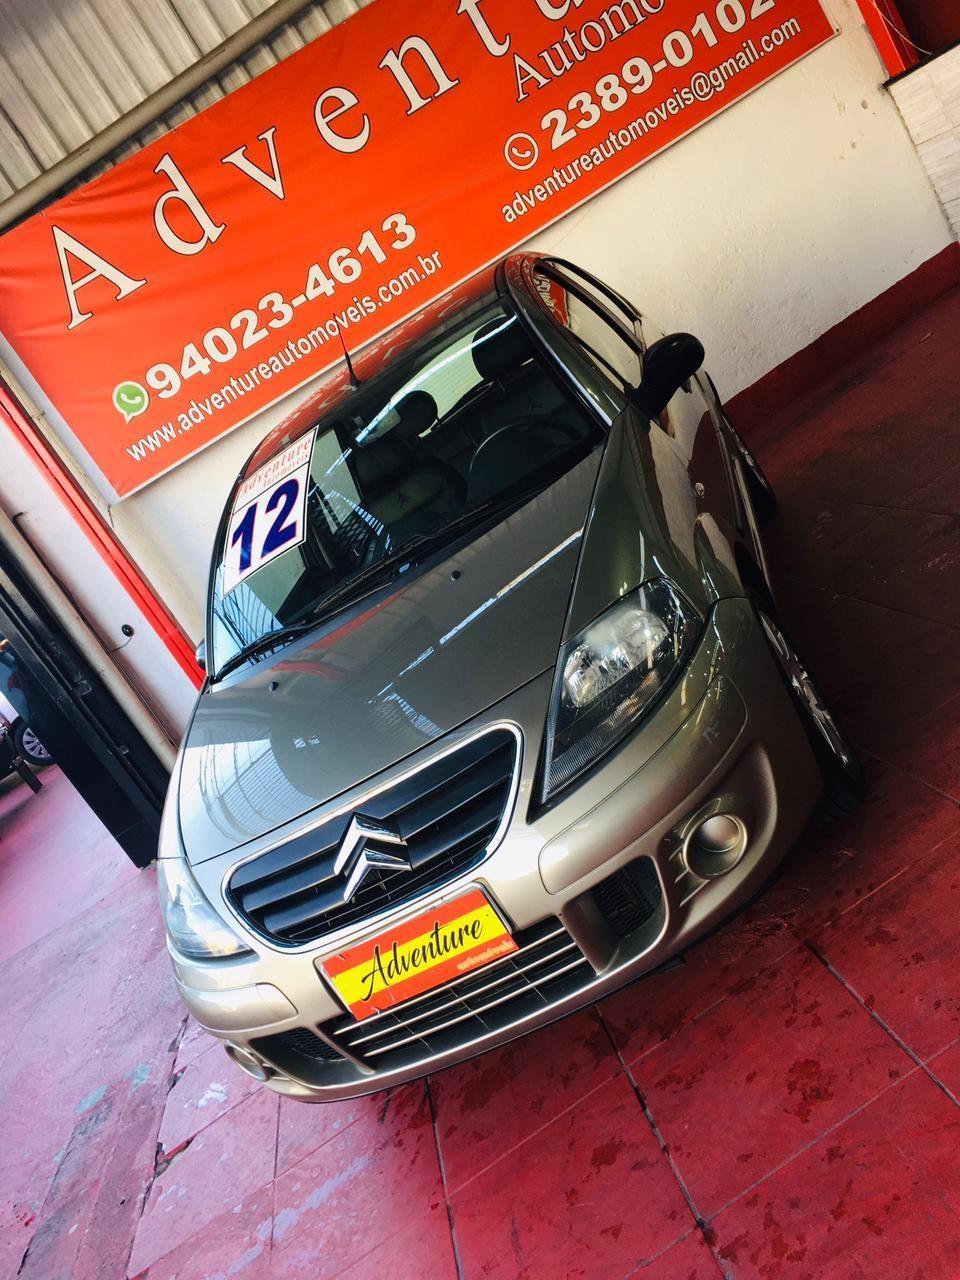 //www.autoline.com.br/carro/citroen/c3-14-glx-8v-flex-4p-manual/2012/sao-paulo-sp/15147349